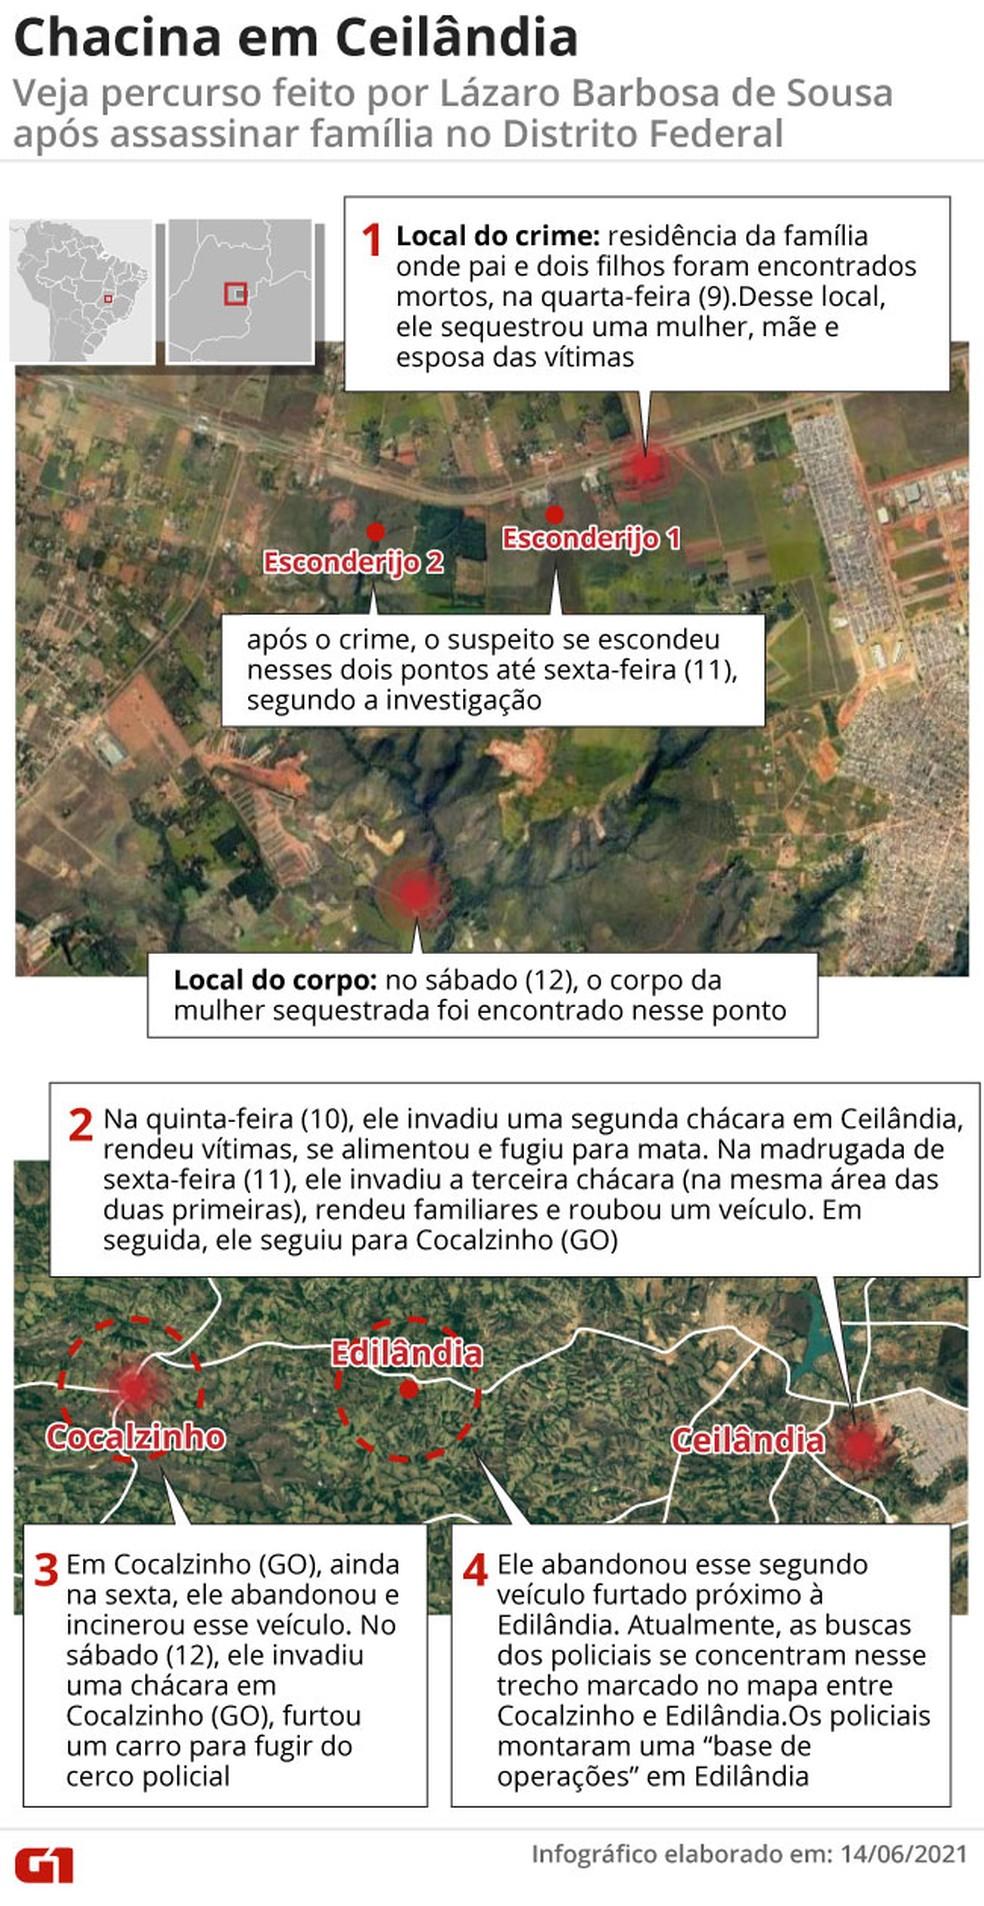 Linha do tempo dos crimes cometidos por Lázaro Barbosa de Sousa, deste a chacina no DF — Foto: Reprodução